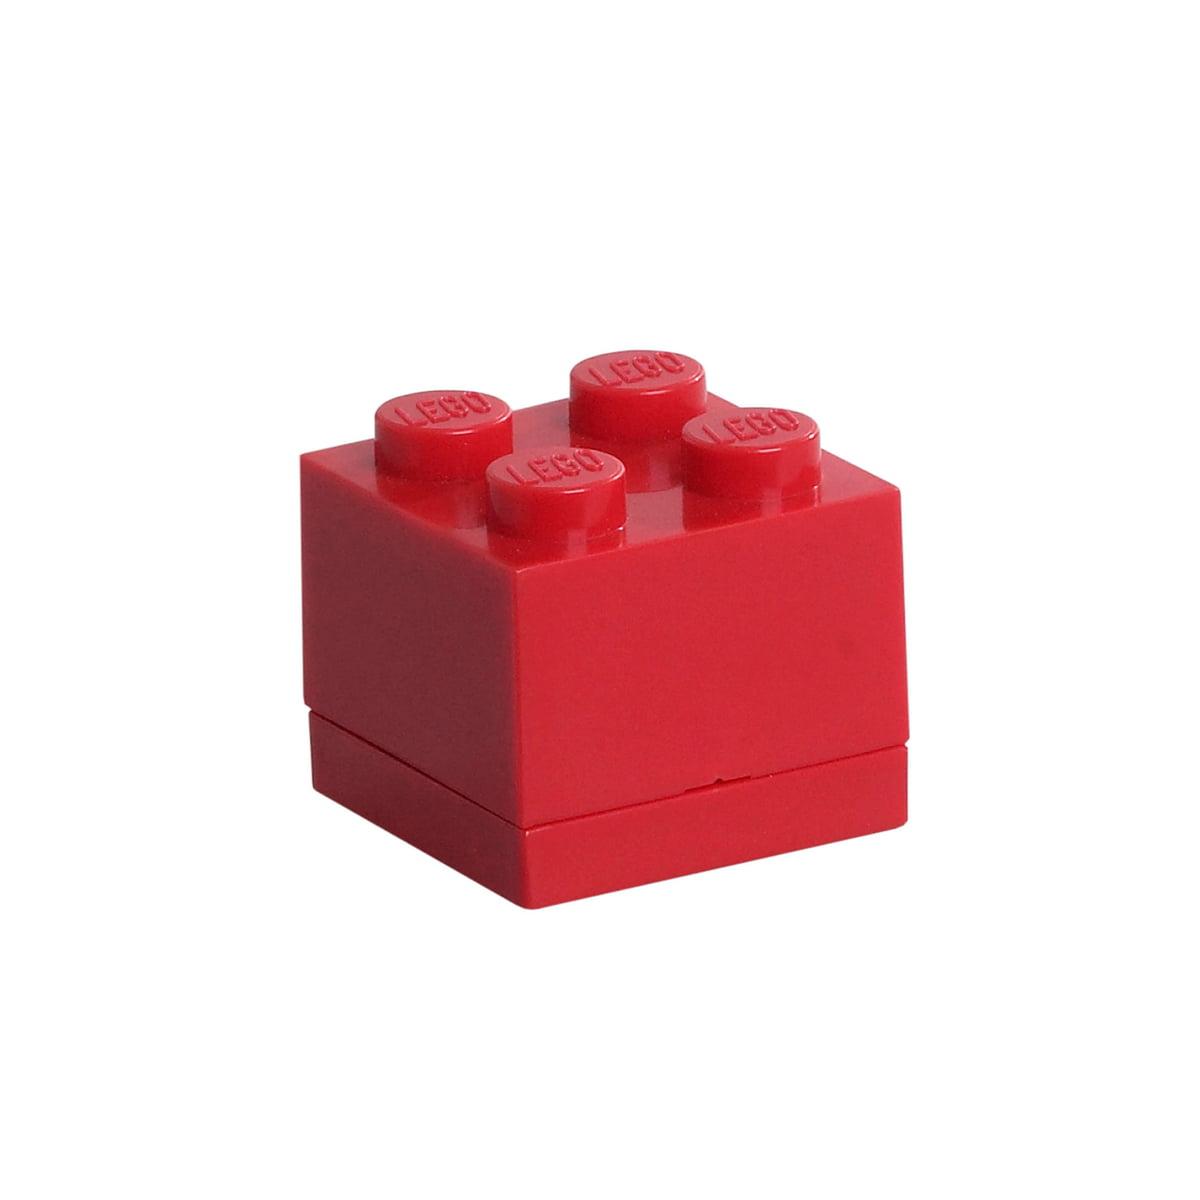 Lego - Mini-Box 4, rot | Kinderzimmer > Spielzeuge | Rot | Polypropylen | Lego